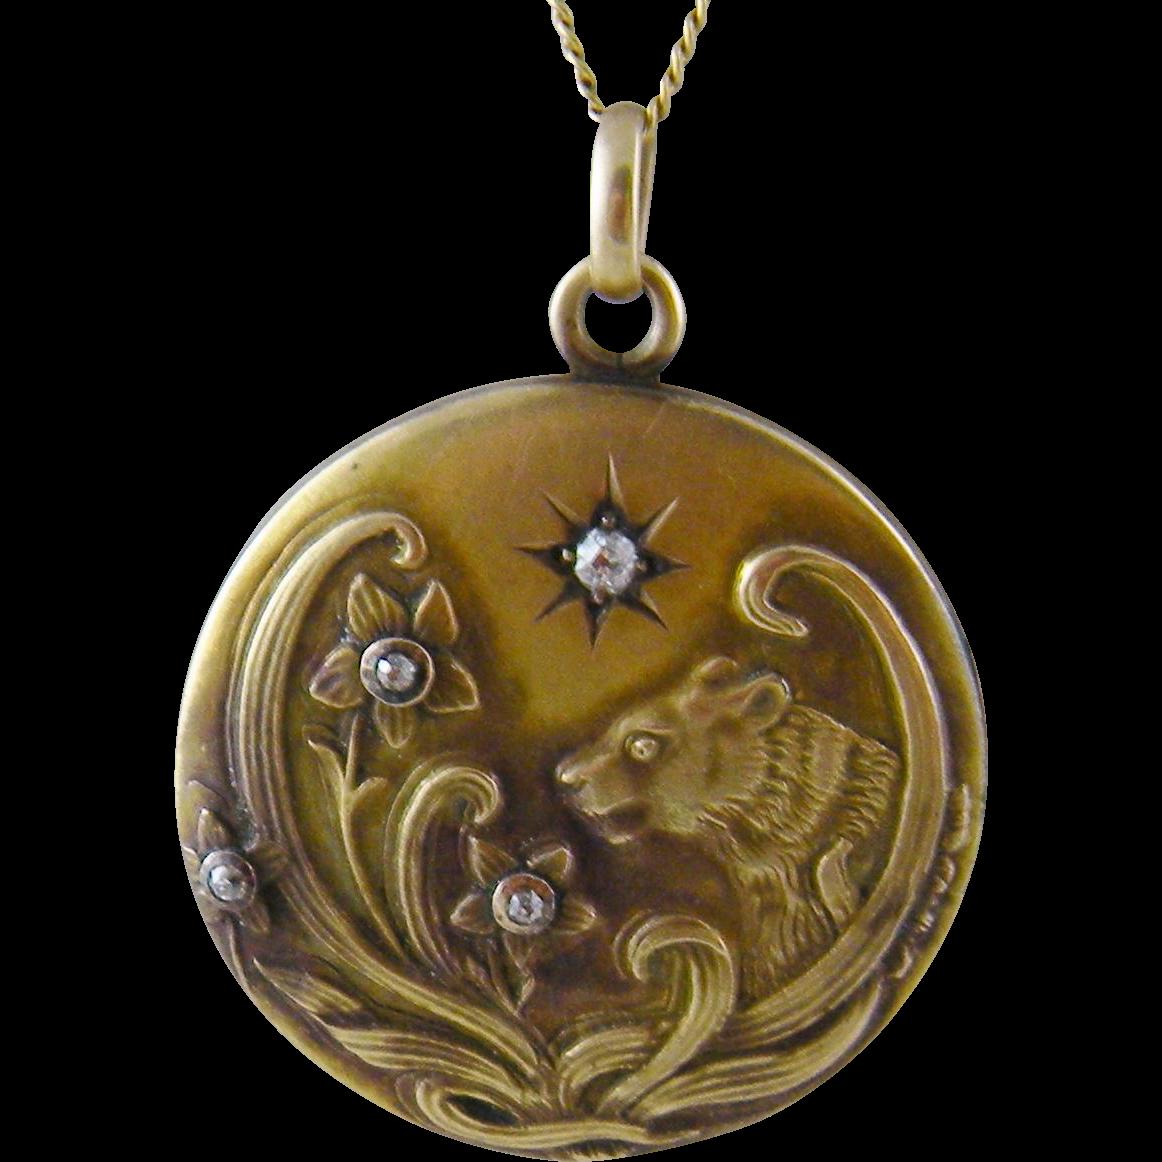 Antique 12 Kt Gold Art Nouveau  FLORAL and BEAST Pendant Locket